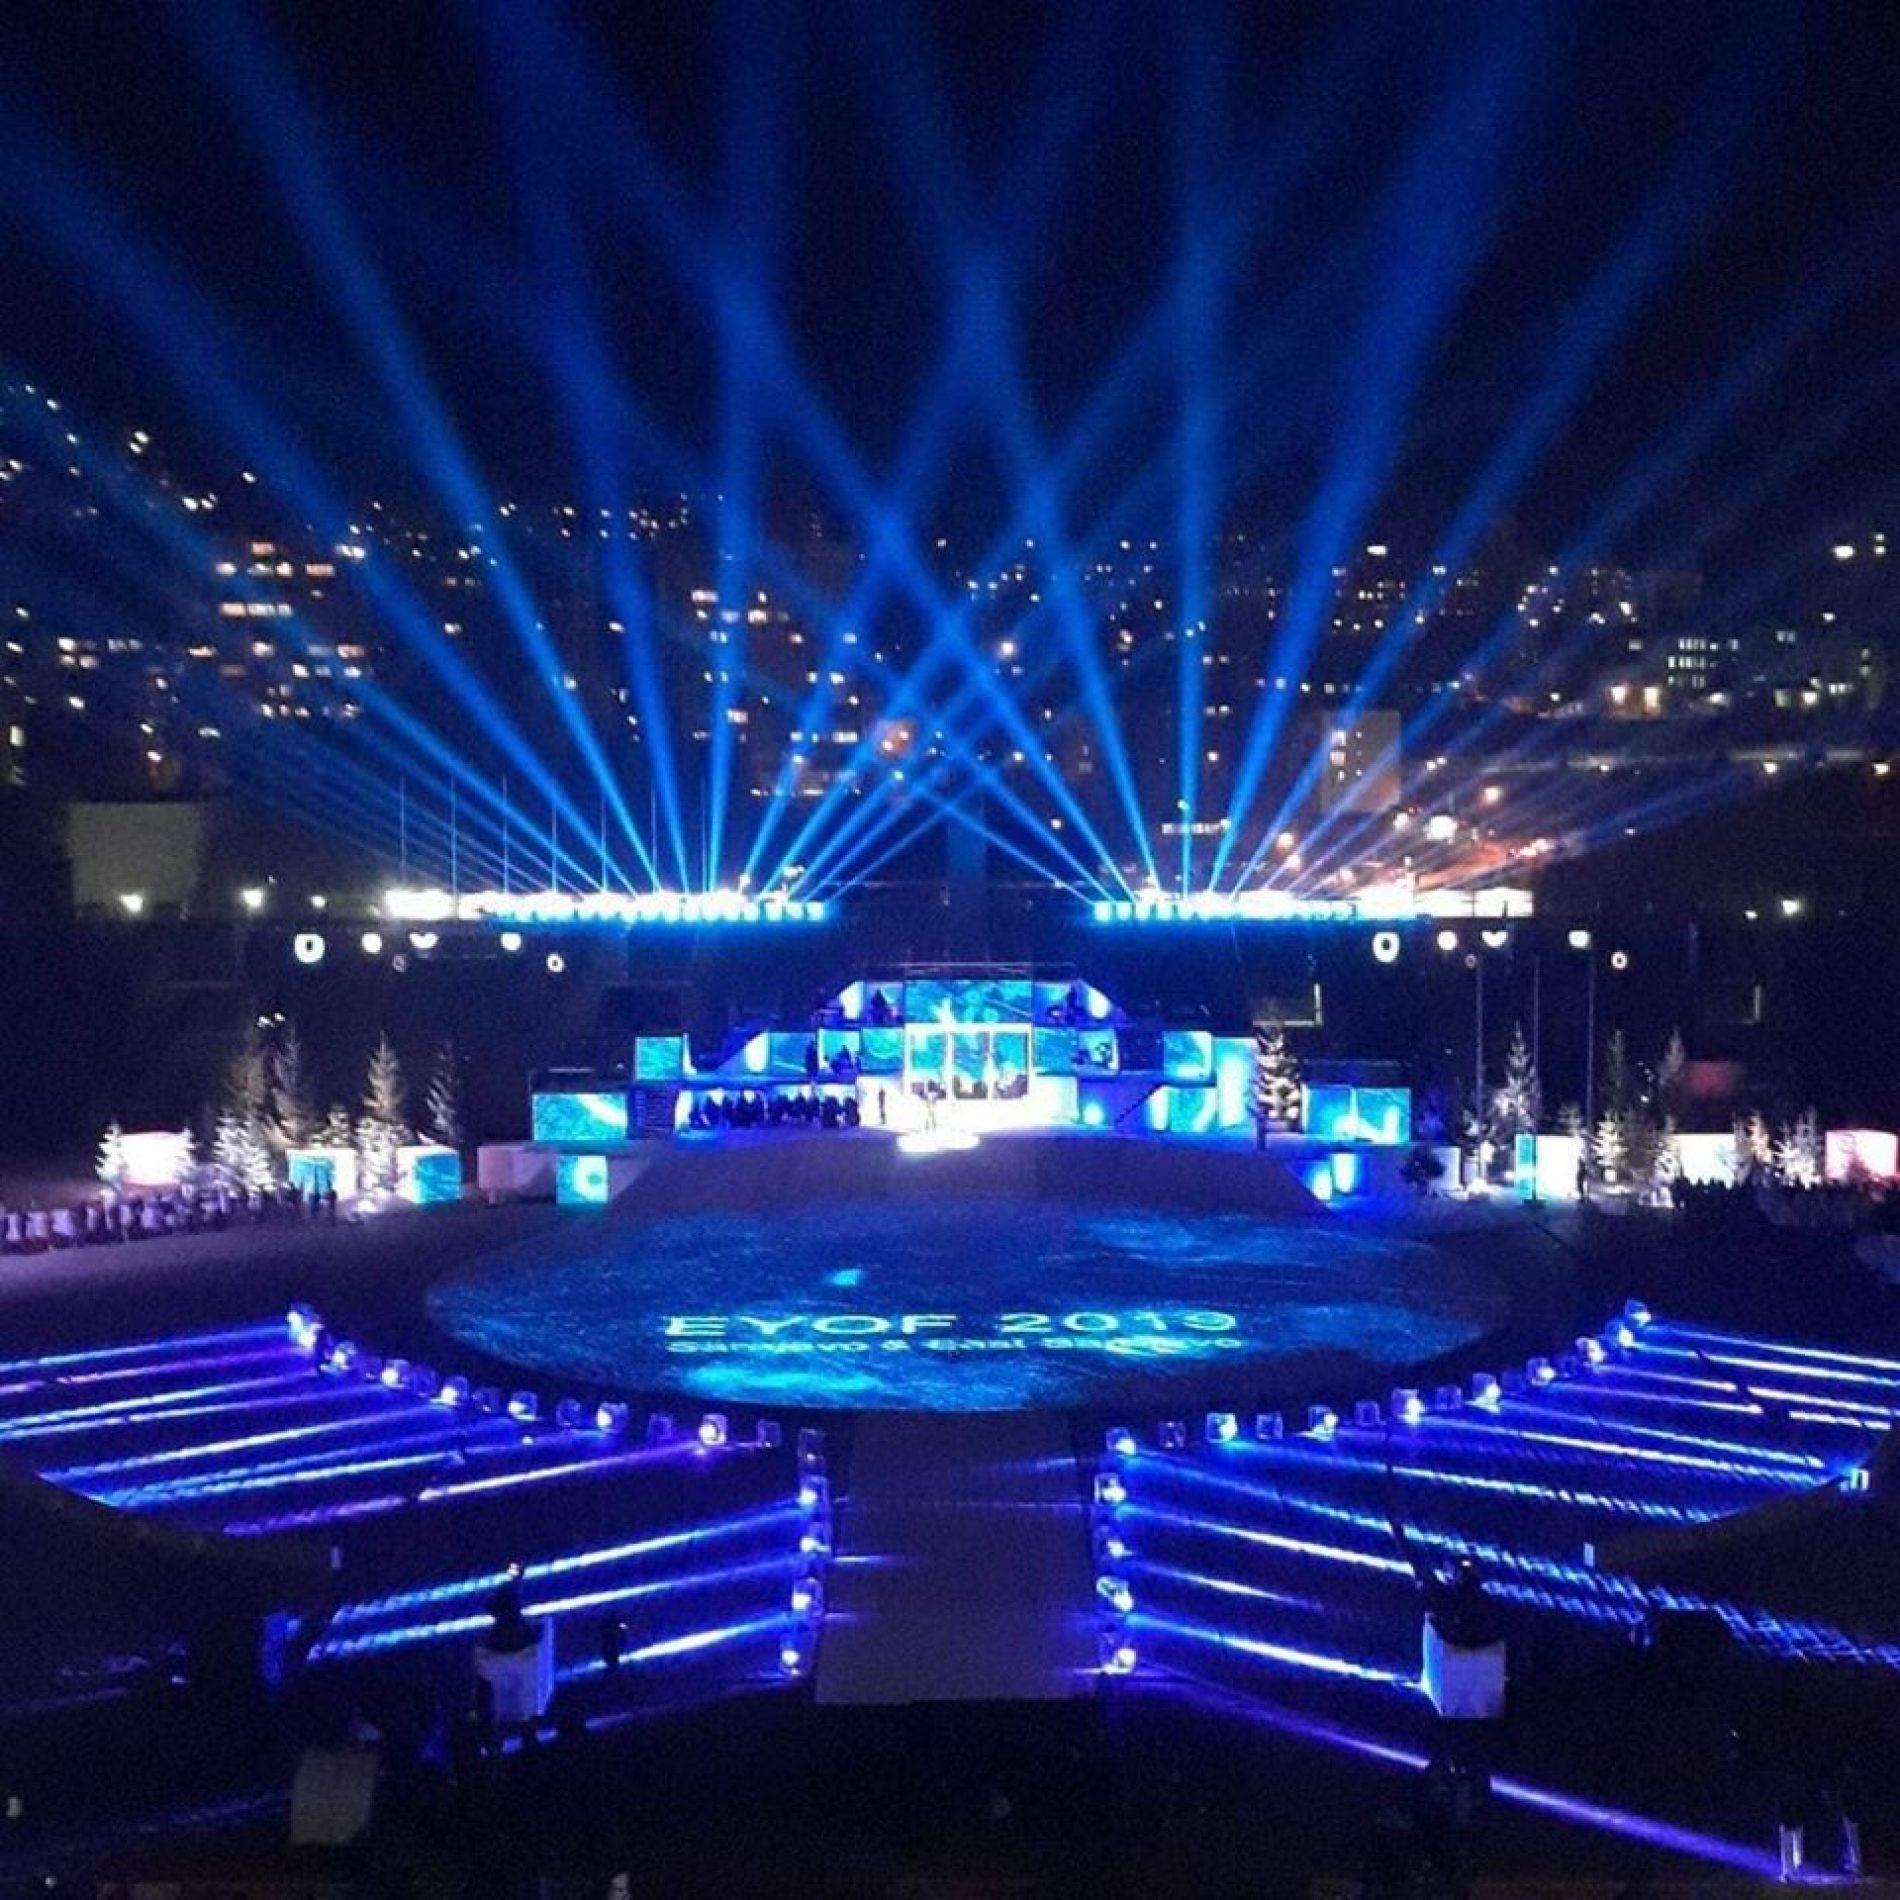 Večeras počinje EYOF, najveći sportski događaj u Bosni i Hercegiovini nakon Olimpijade 1984.